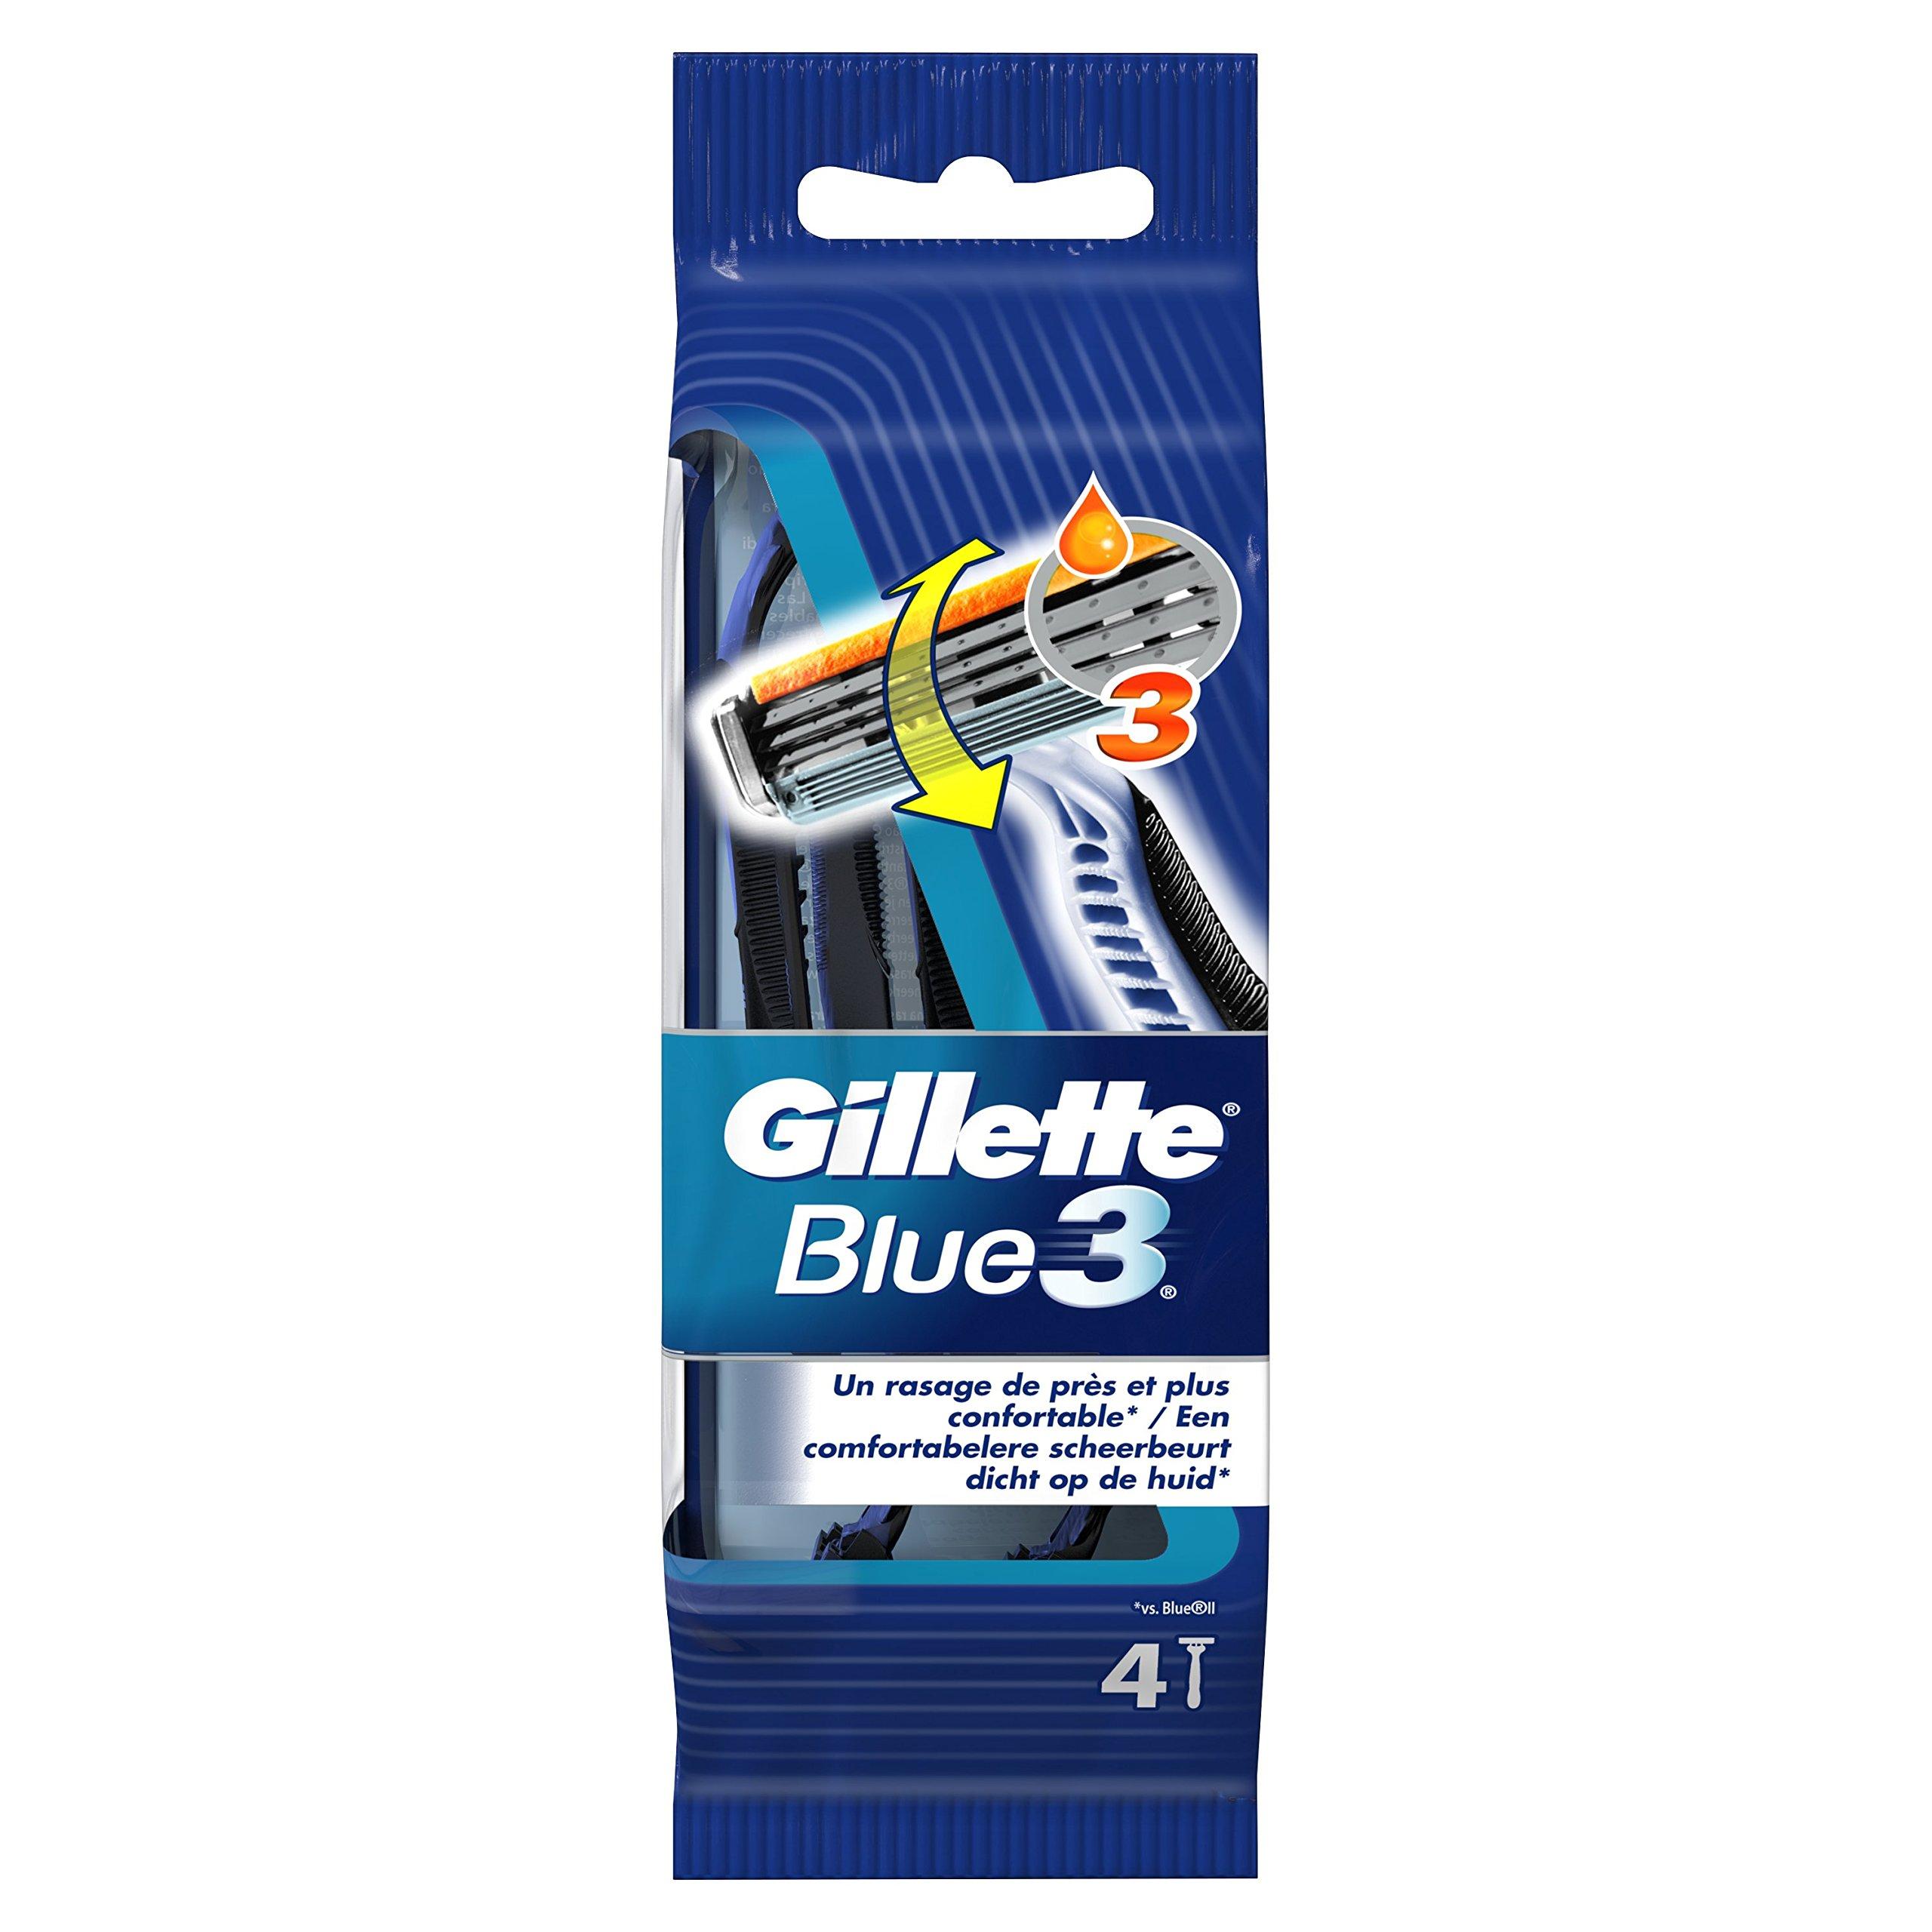 Gillette Blue3 - Maquinillas Desechables Para Hombre - 4+1 Unidades product image